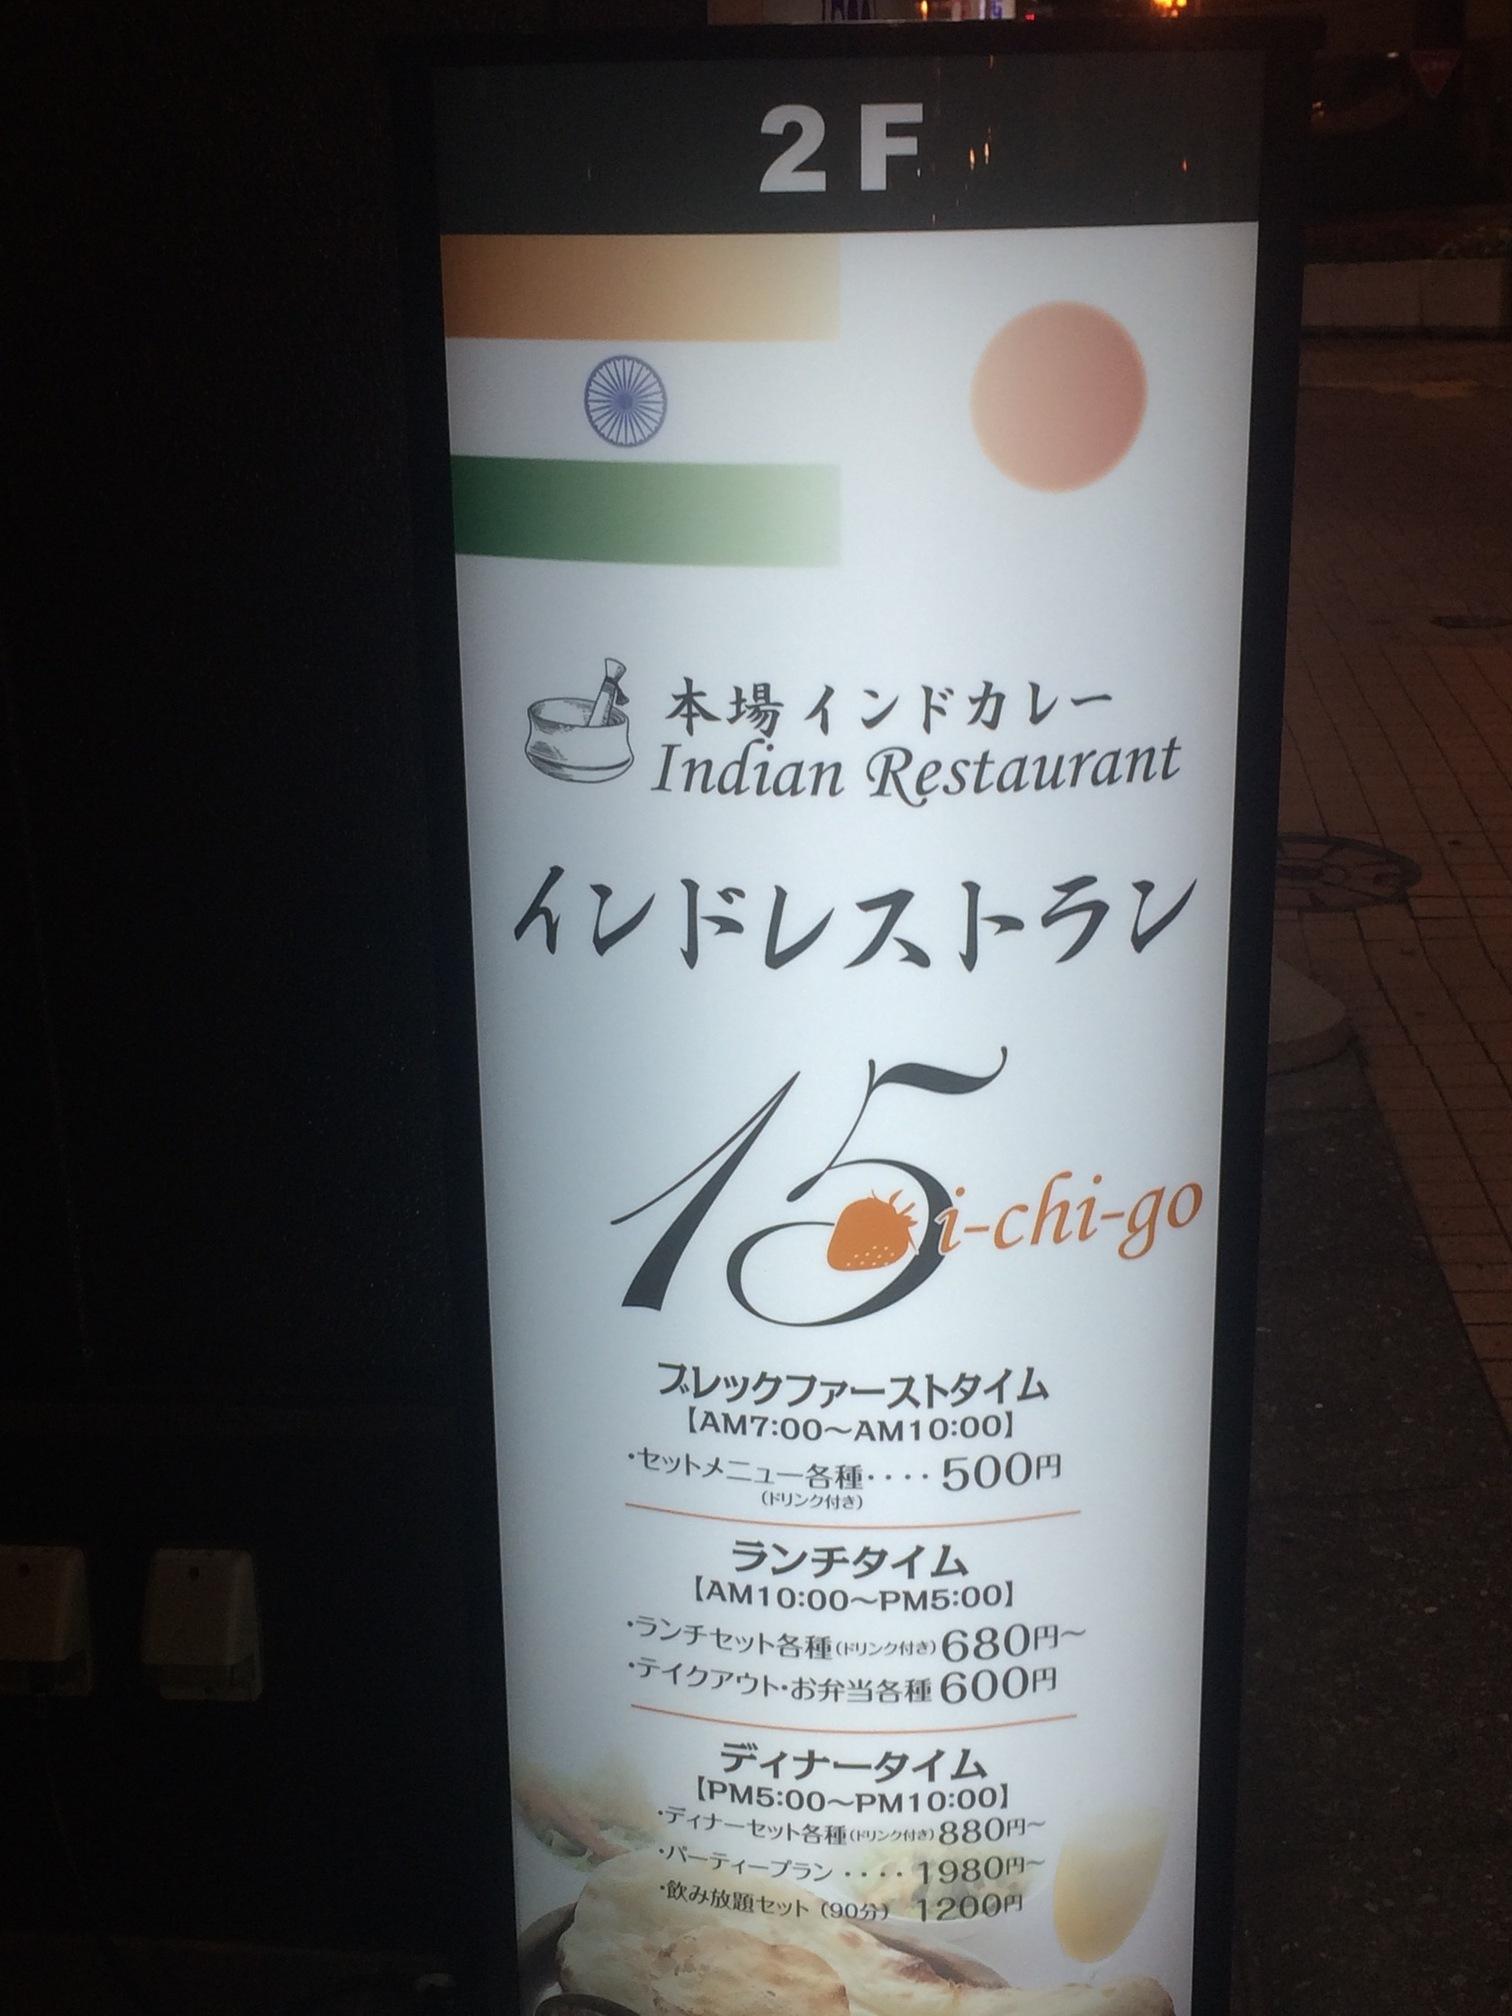 インドレストラン15 name=